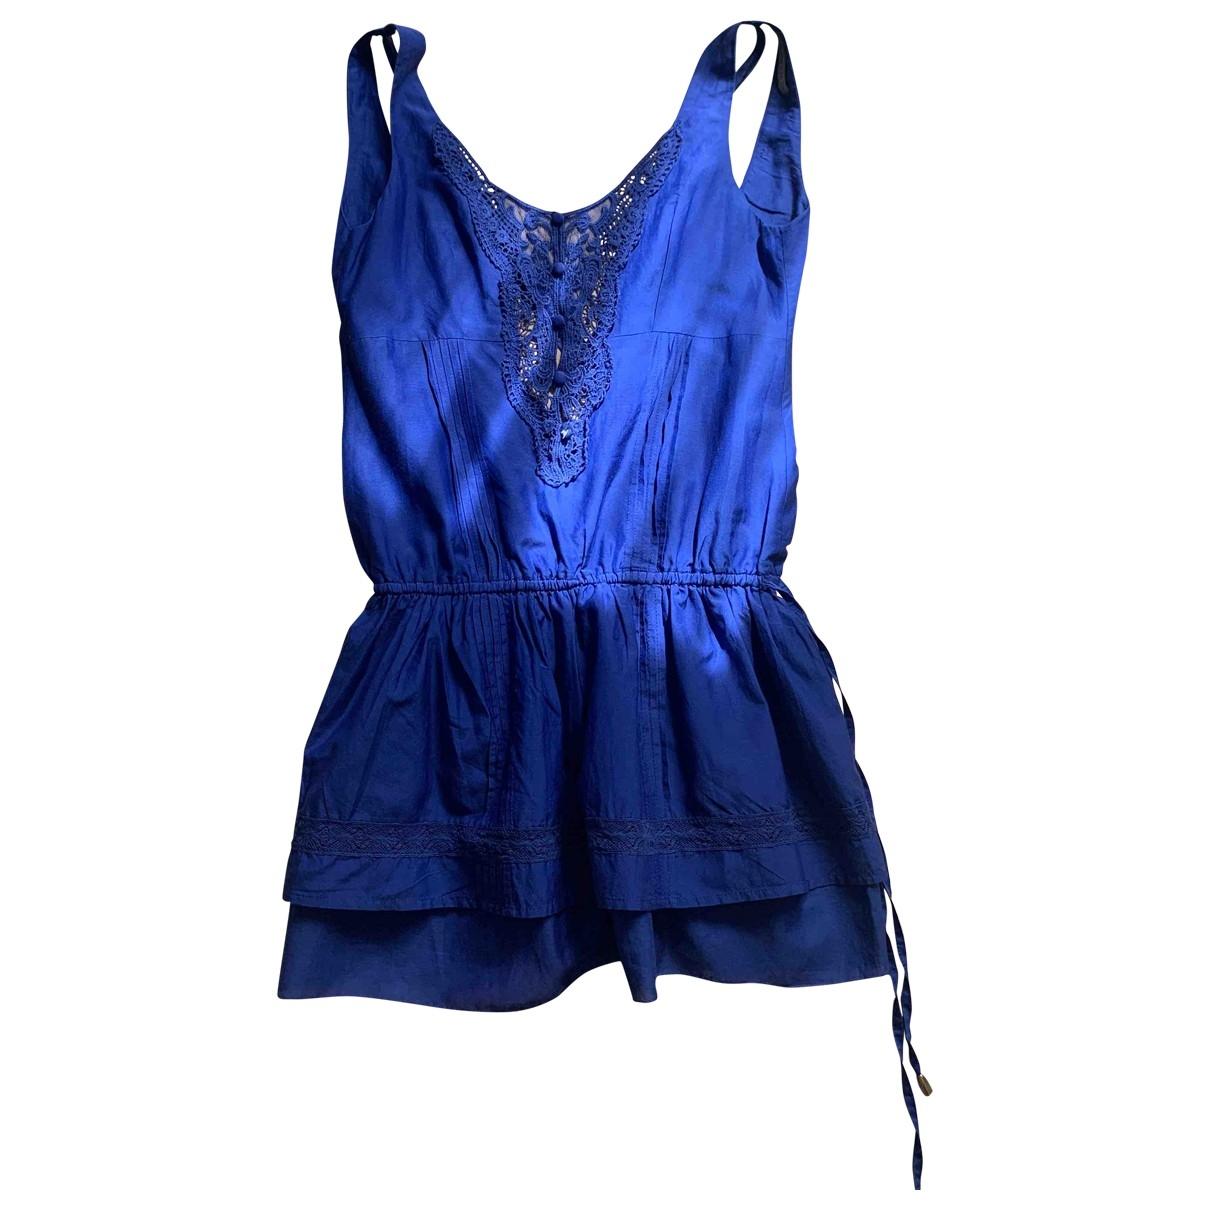 Patrizia Pepe \N Blue Cotton dress for Women 42 IT